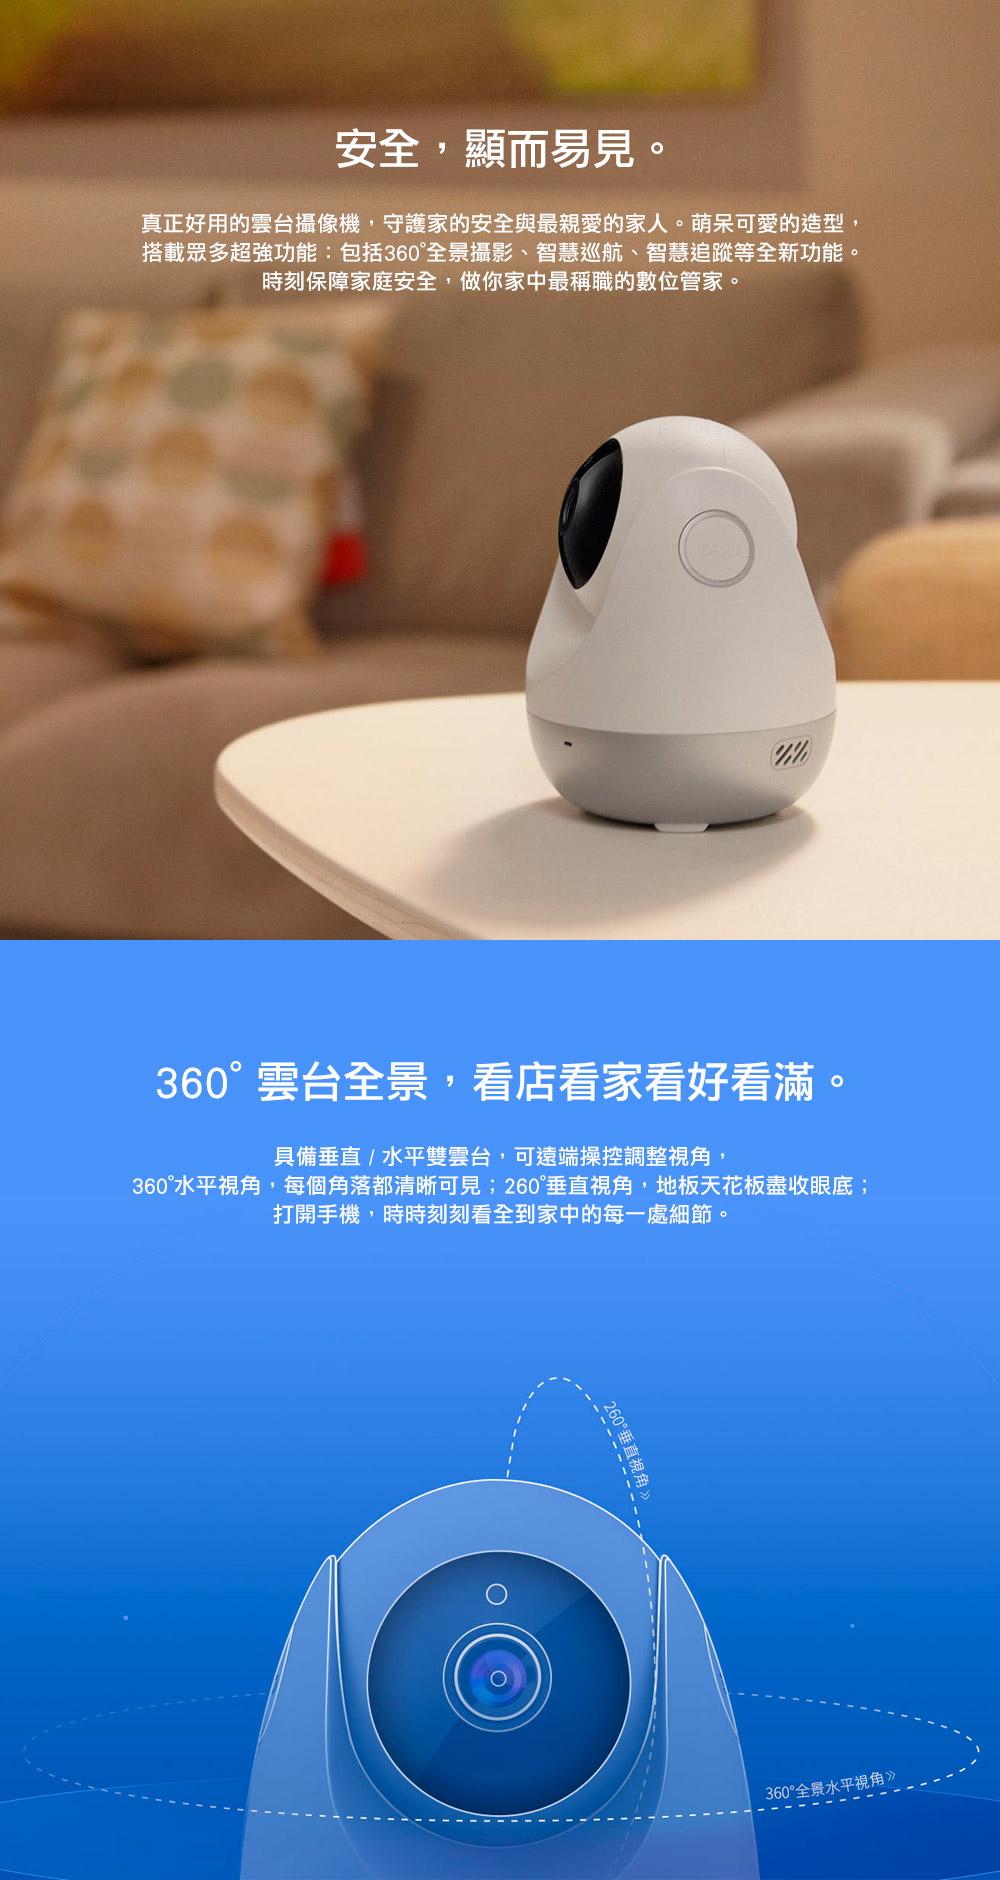 360 雲 台 版 高 解析 雙向 智能 攝影機 d706